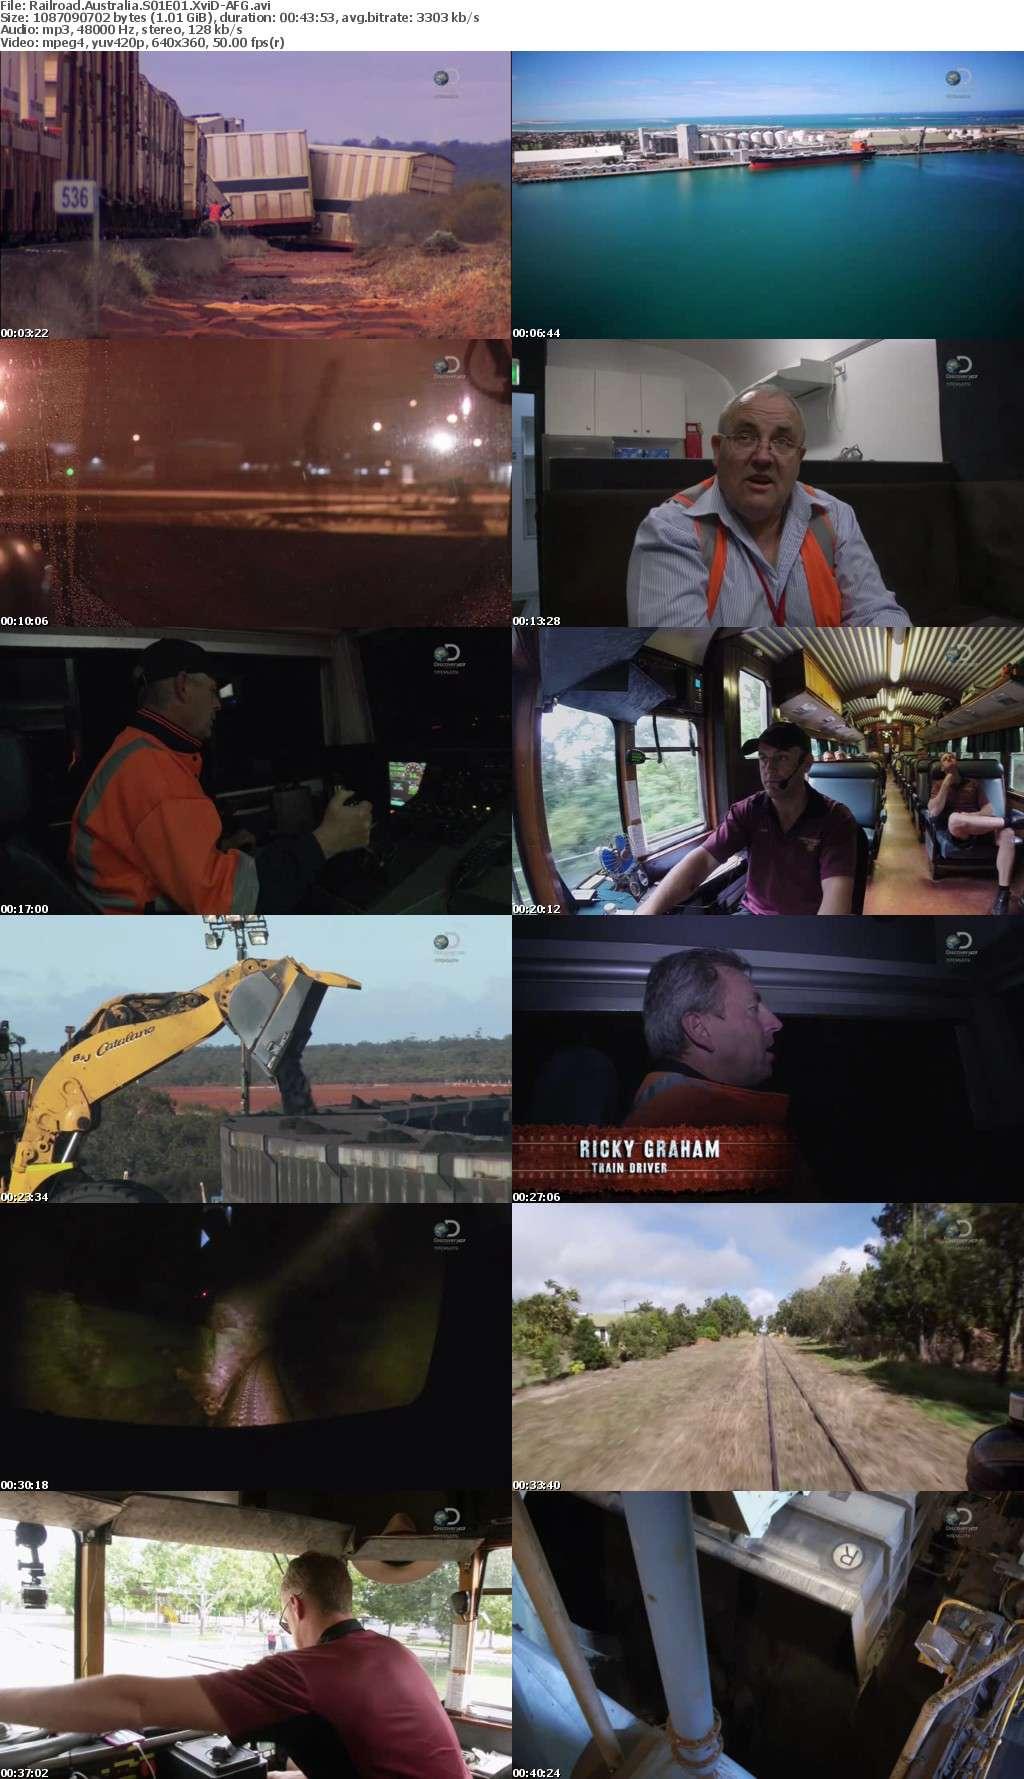 Railroad Australia S01E01 XviD-AFG